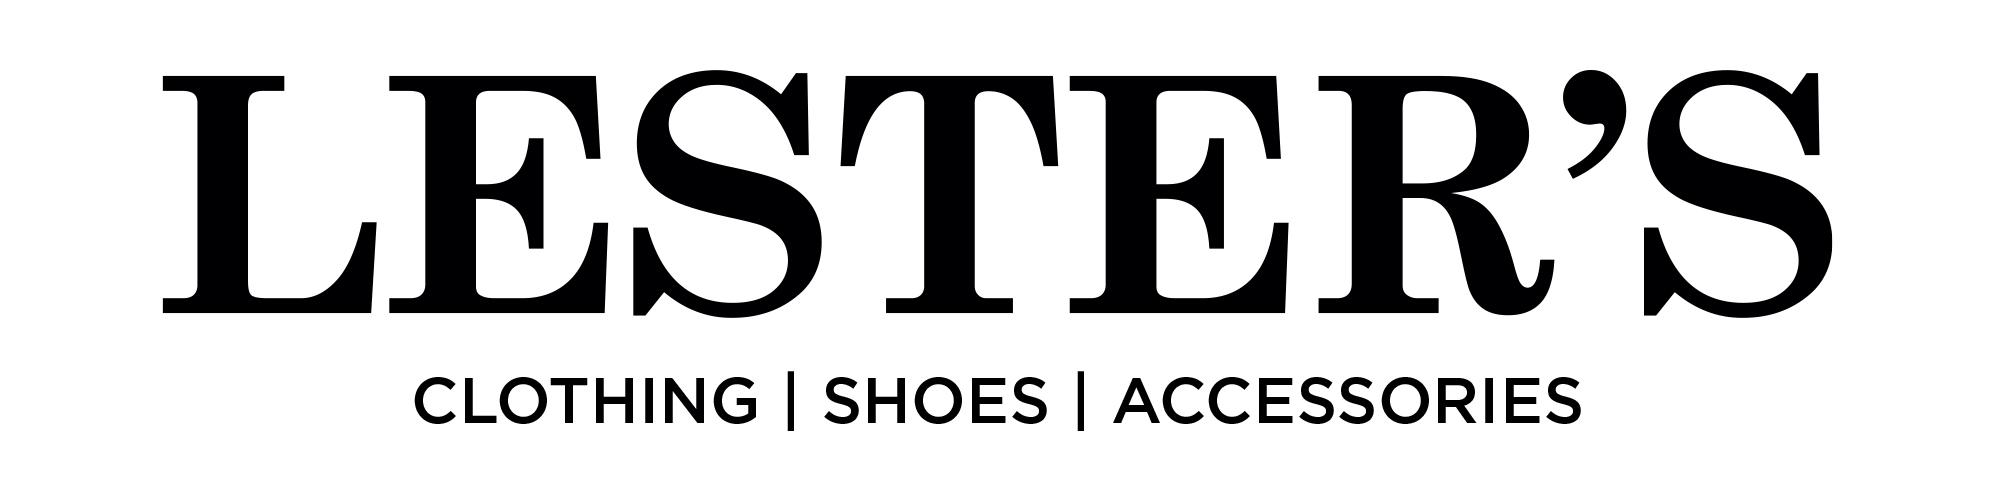 Lester's of Westport